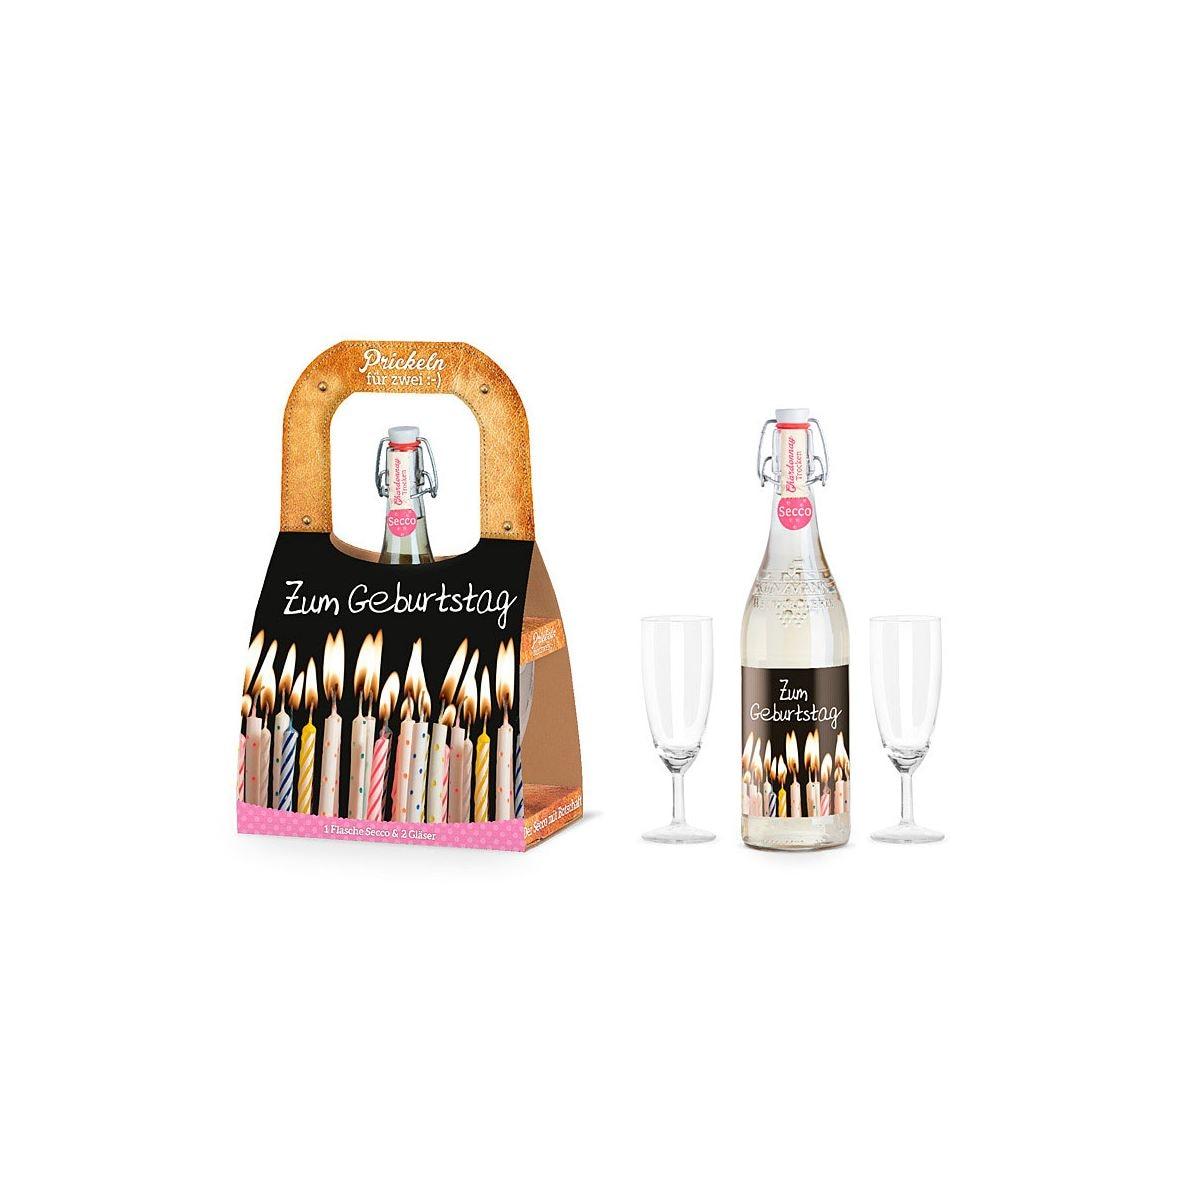 La vida geschenk f r dich set f r zwei flasche secco sekt mit 2 gl sern geburtstag porta - Polstermobel flasche ...